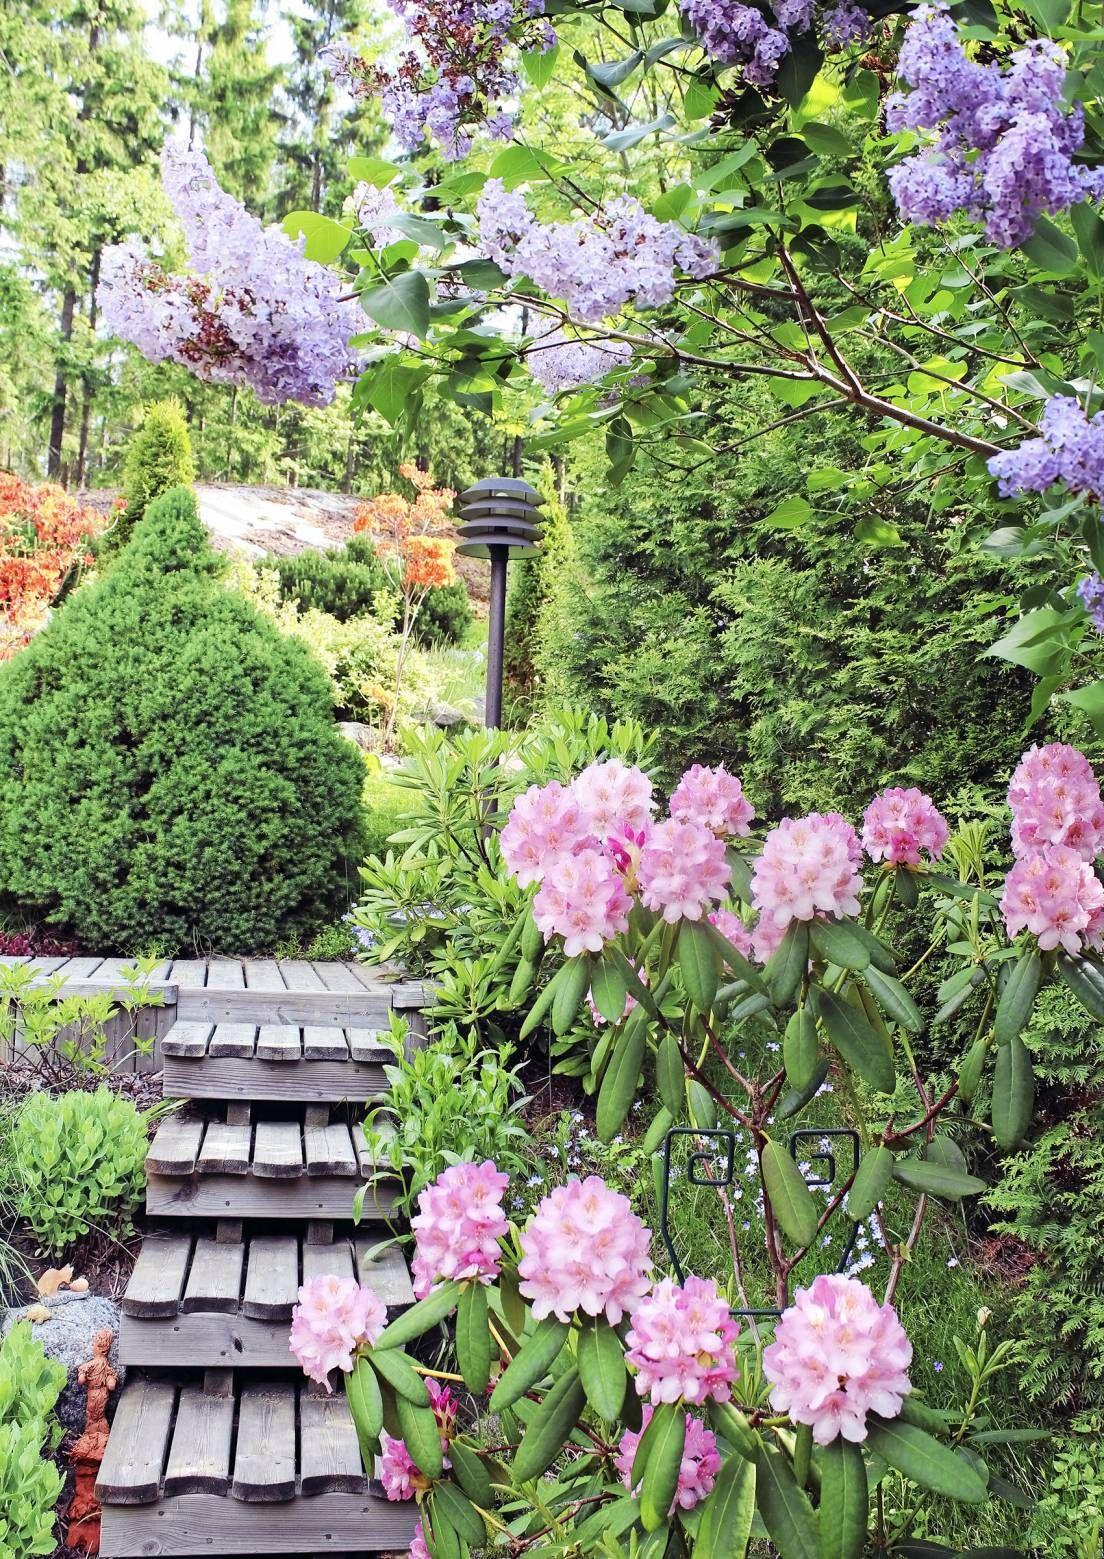 Värikkäästi kukkivilla kasveilla saat puutarhaan upeaa kukkaloistoa keväästä syksyyn. Katso Viherpihan valinnat suomalaisista puutarhoista.